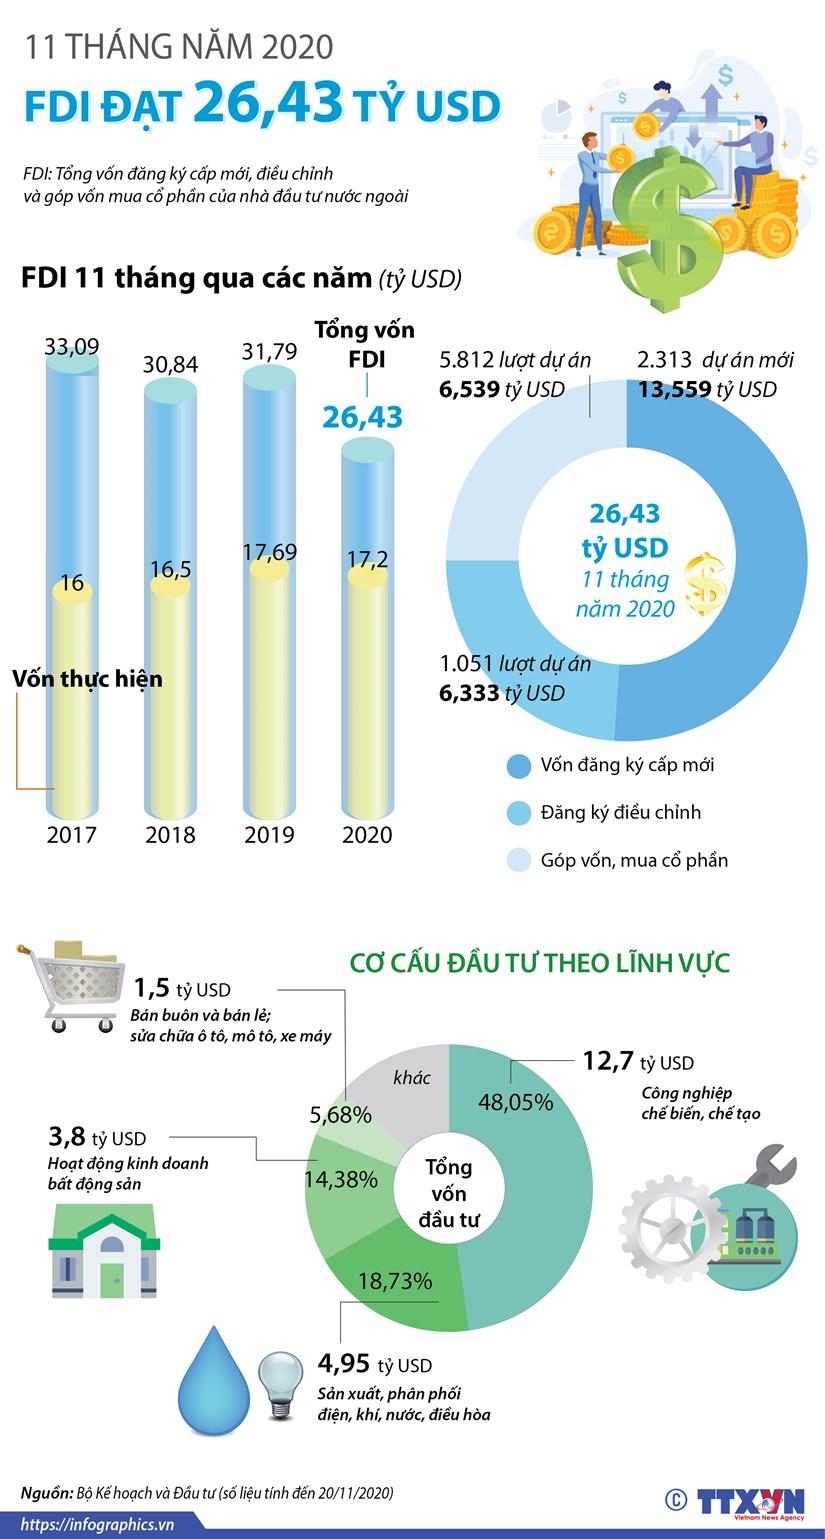 [Infographics] 11 thang nam 2020, thu hut FDI dat hon 26 ty USD hinh anh 1